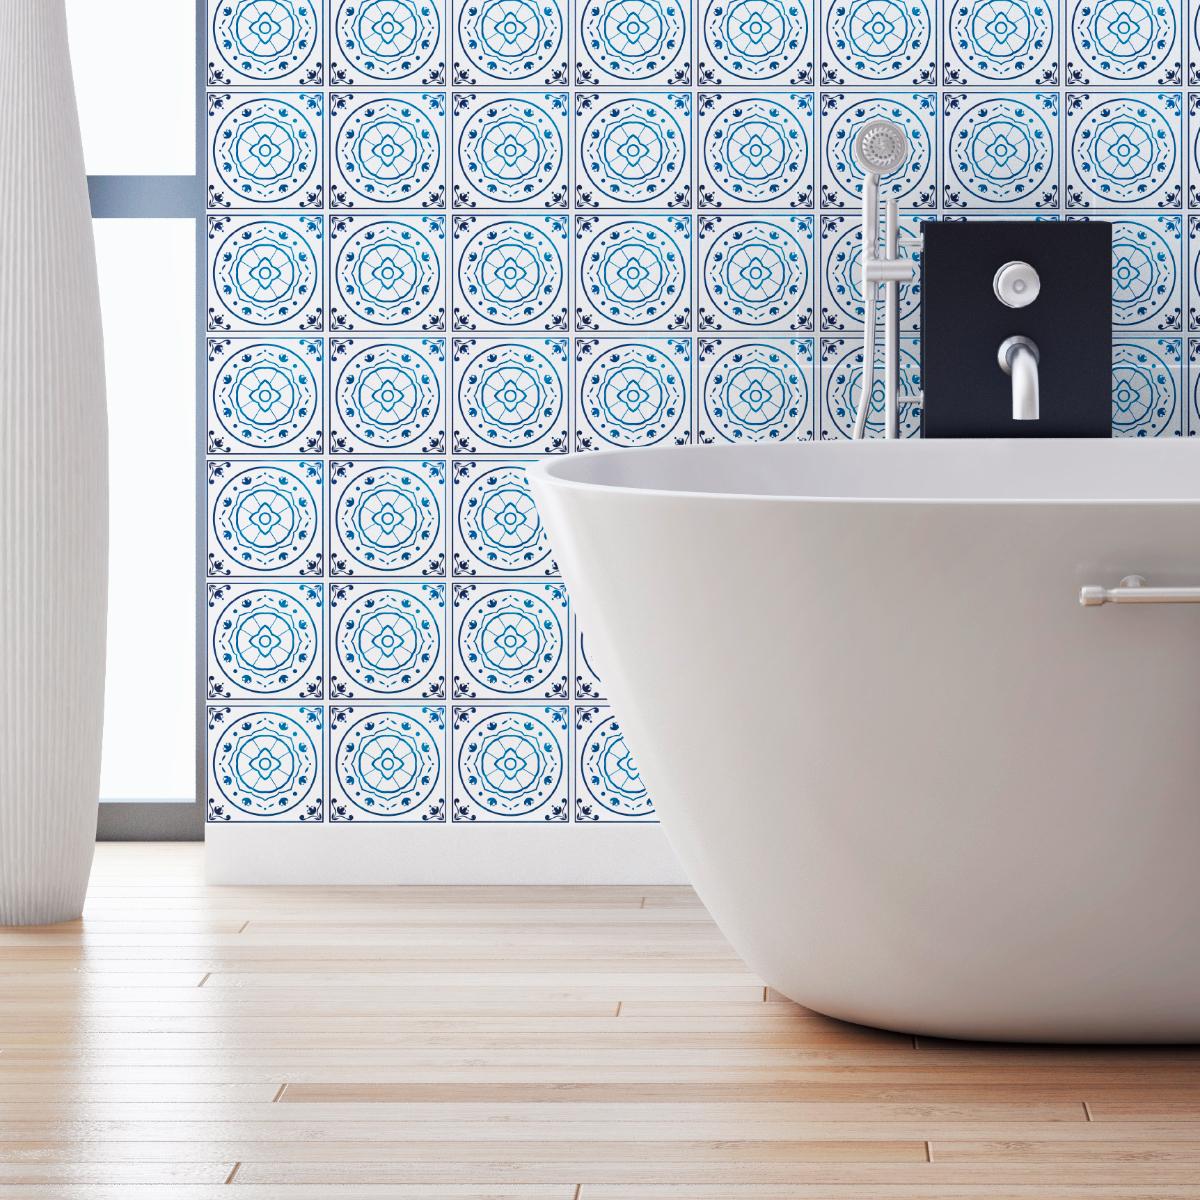 60 stickers carreaux de ciment delft eindhoven cuisine carrelages ambiance sticker. Black Bedroom Furniture Sets. Home Design Ideas